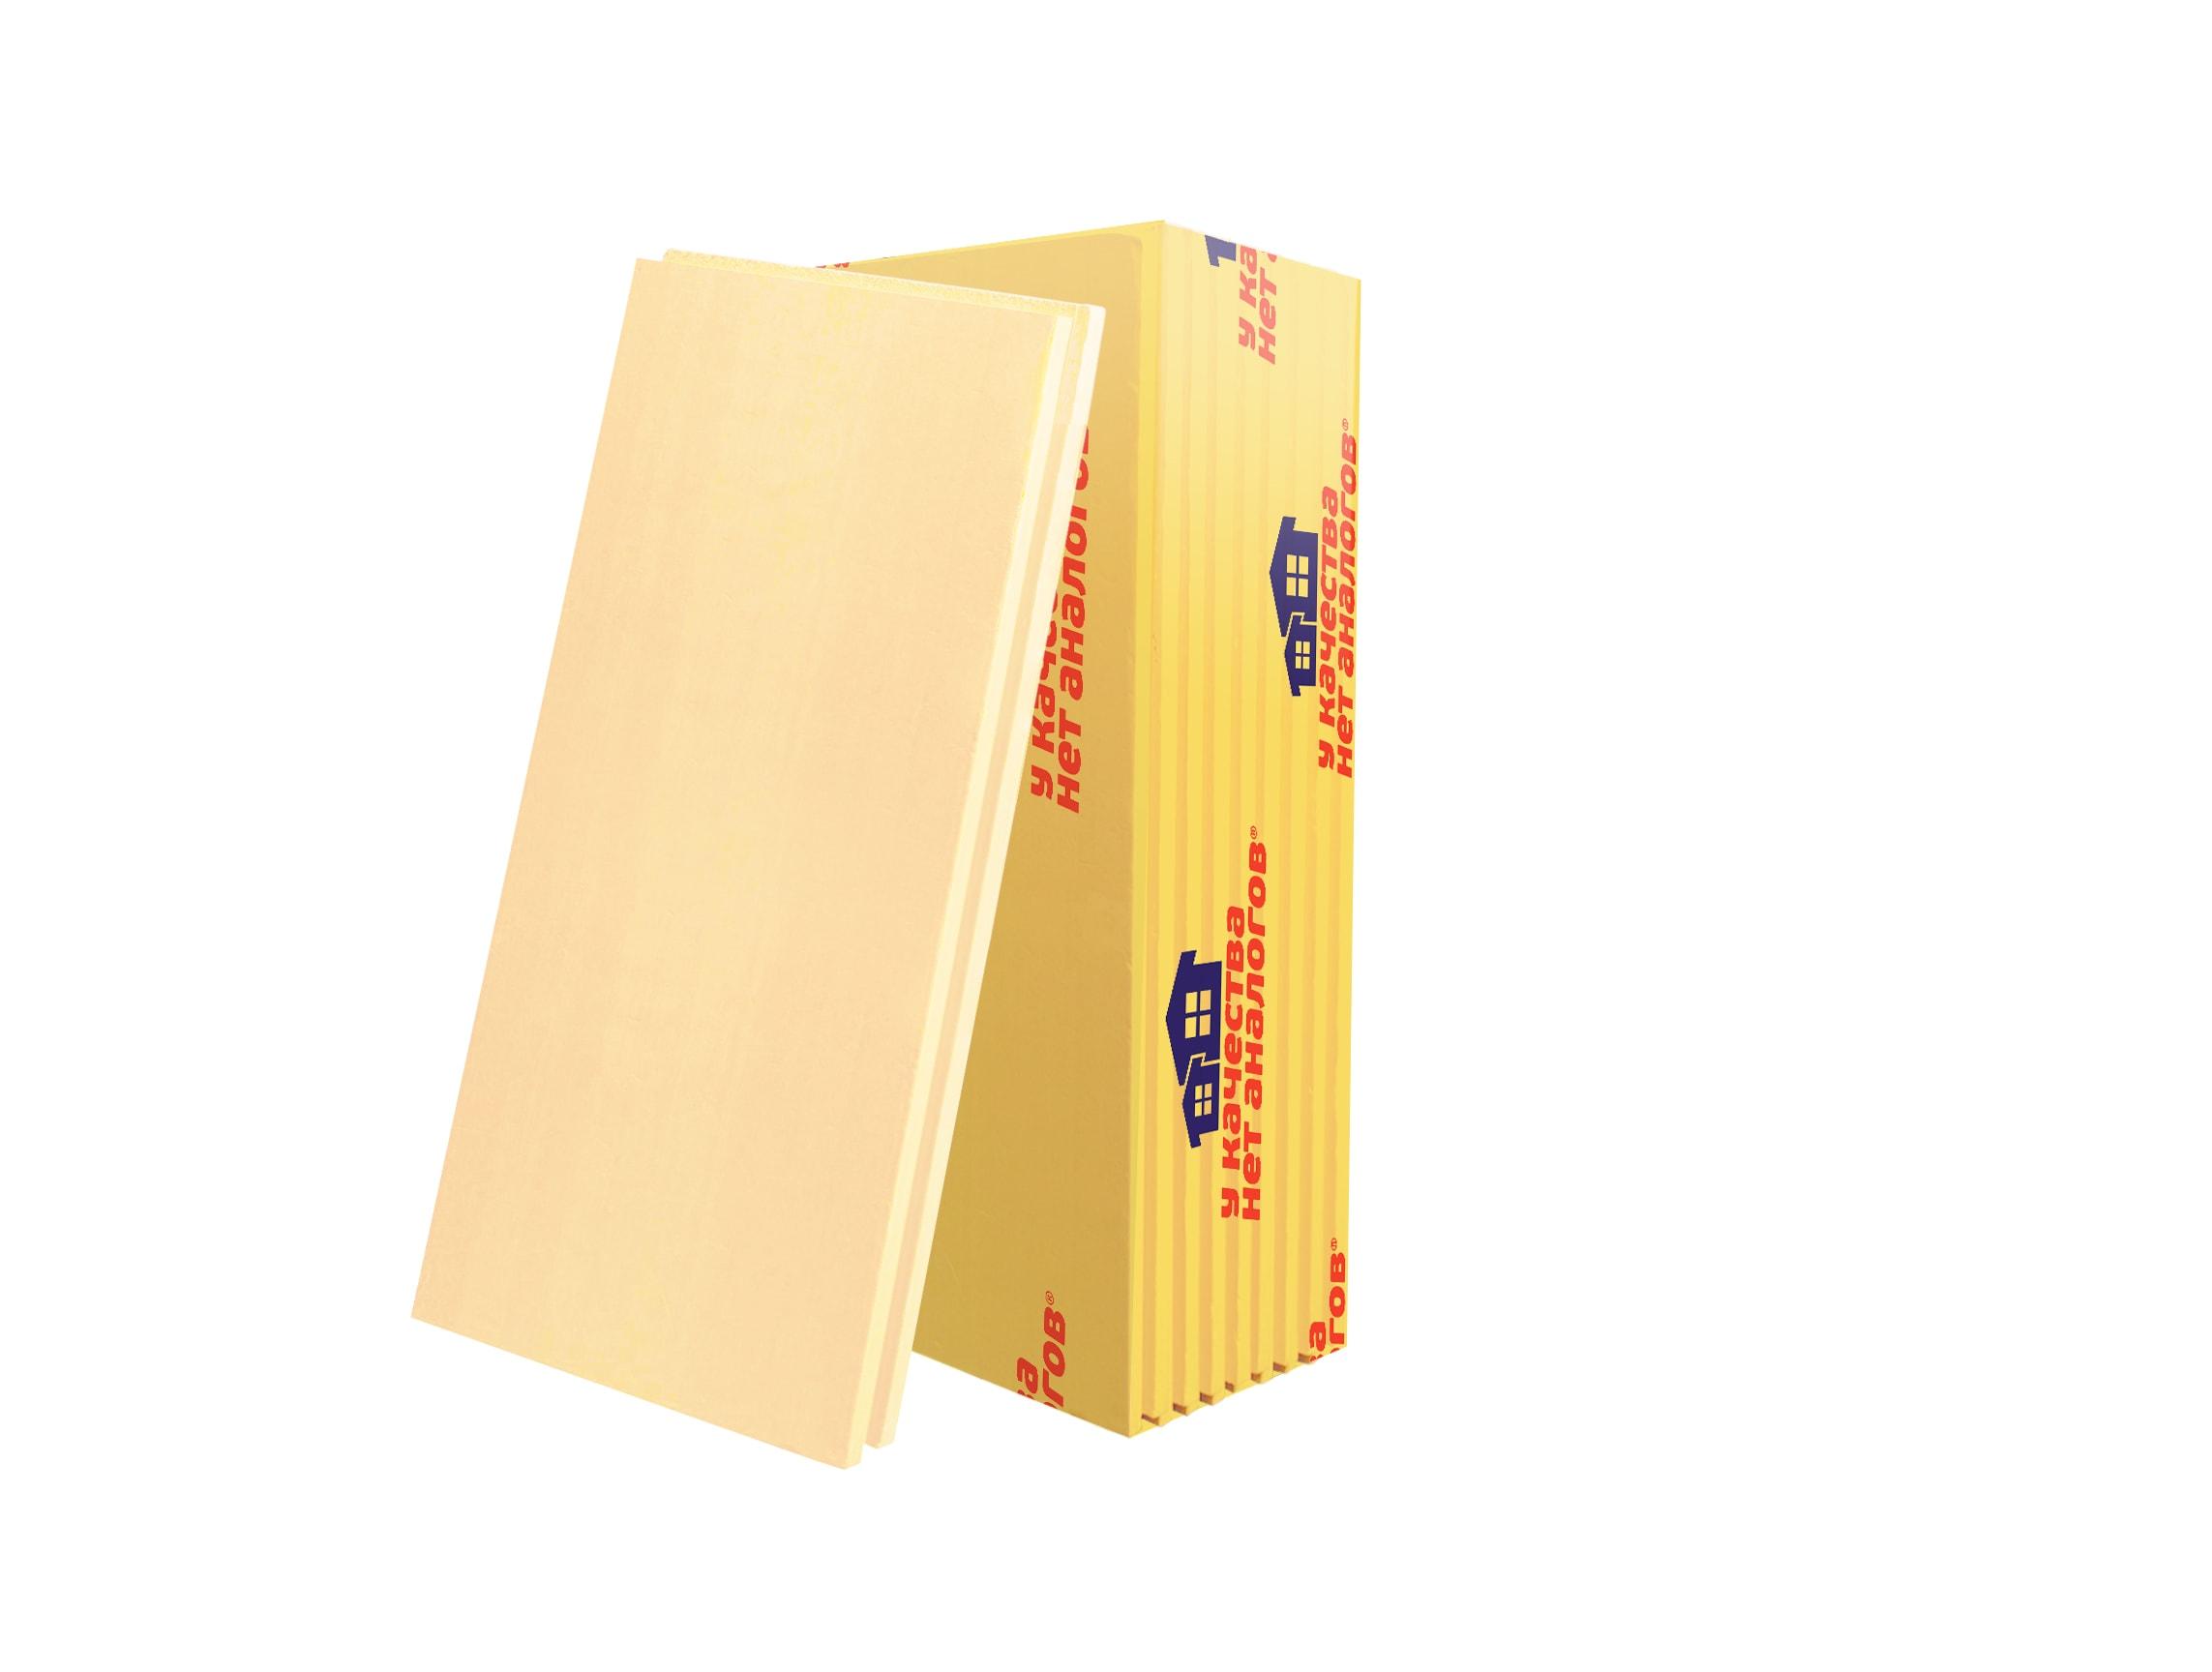 Пропорция замеса клей плиточный старатель-стандарт